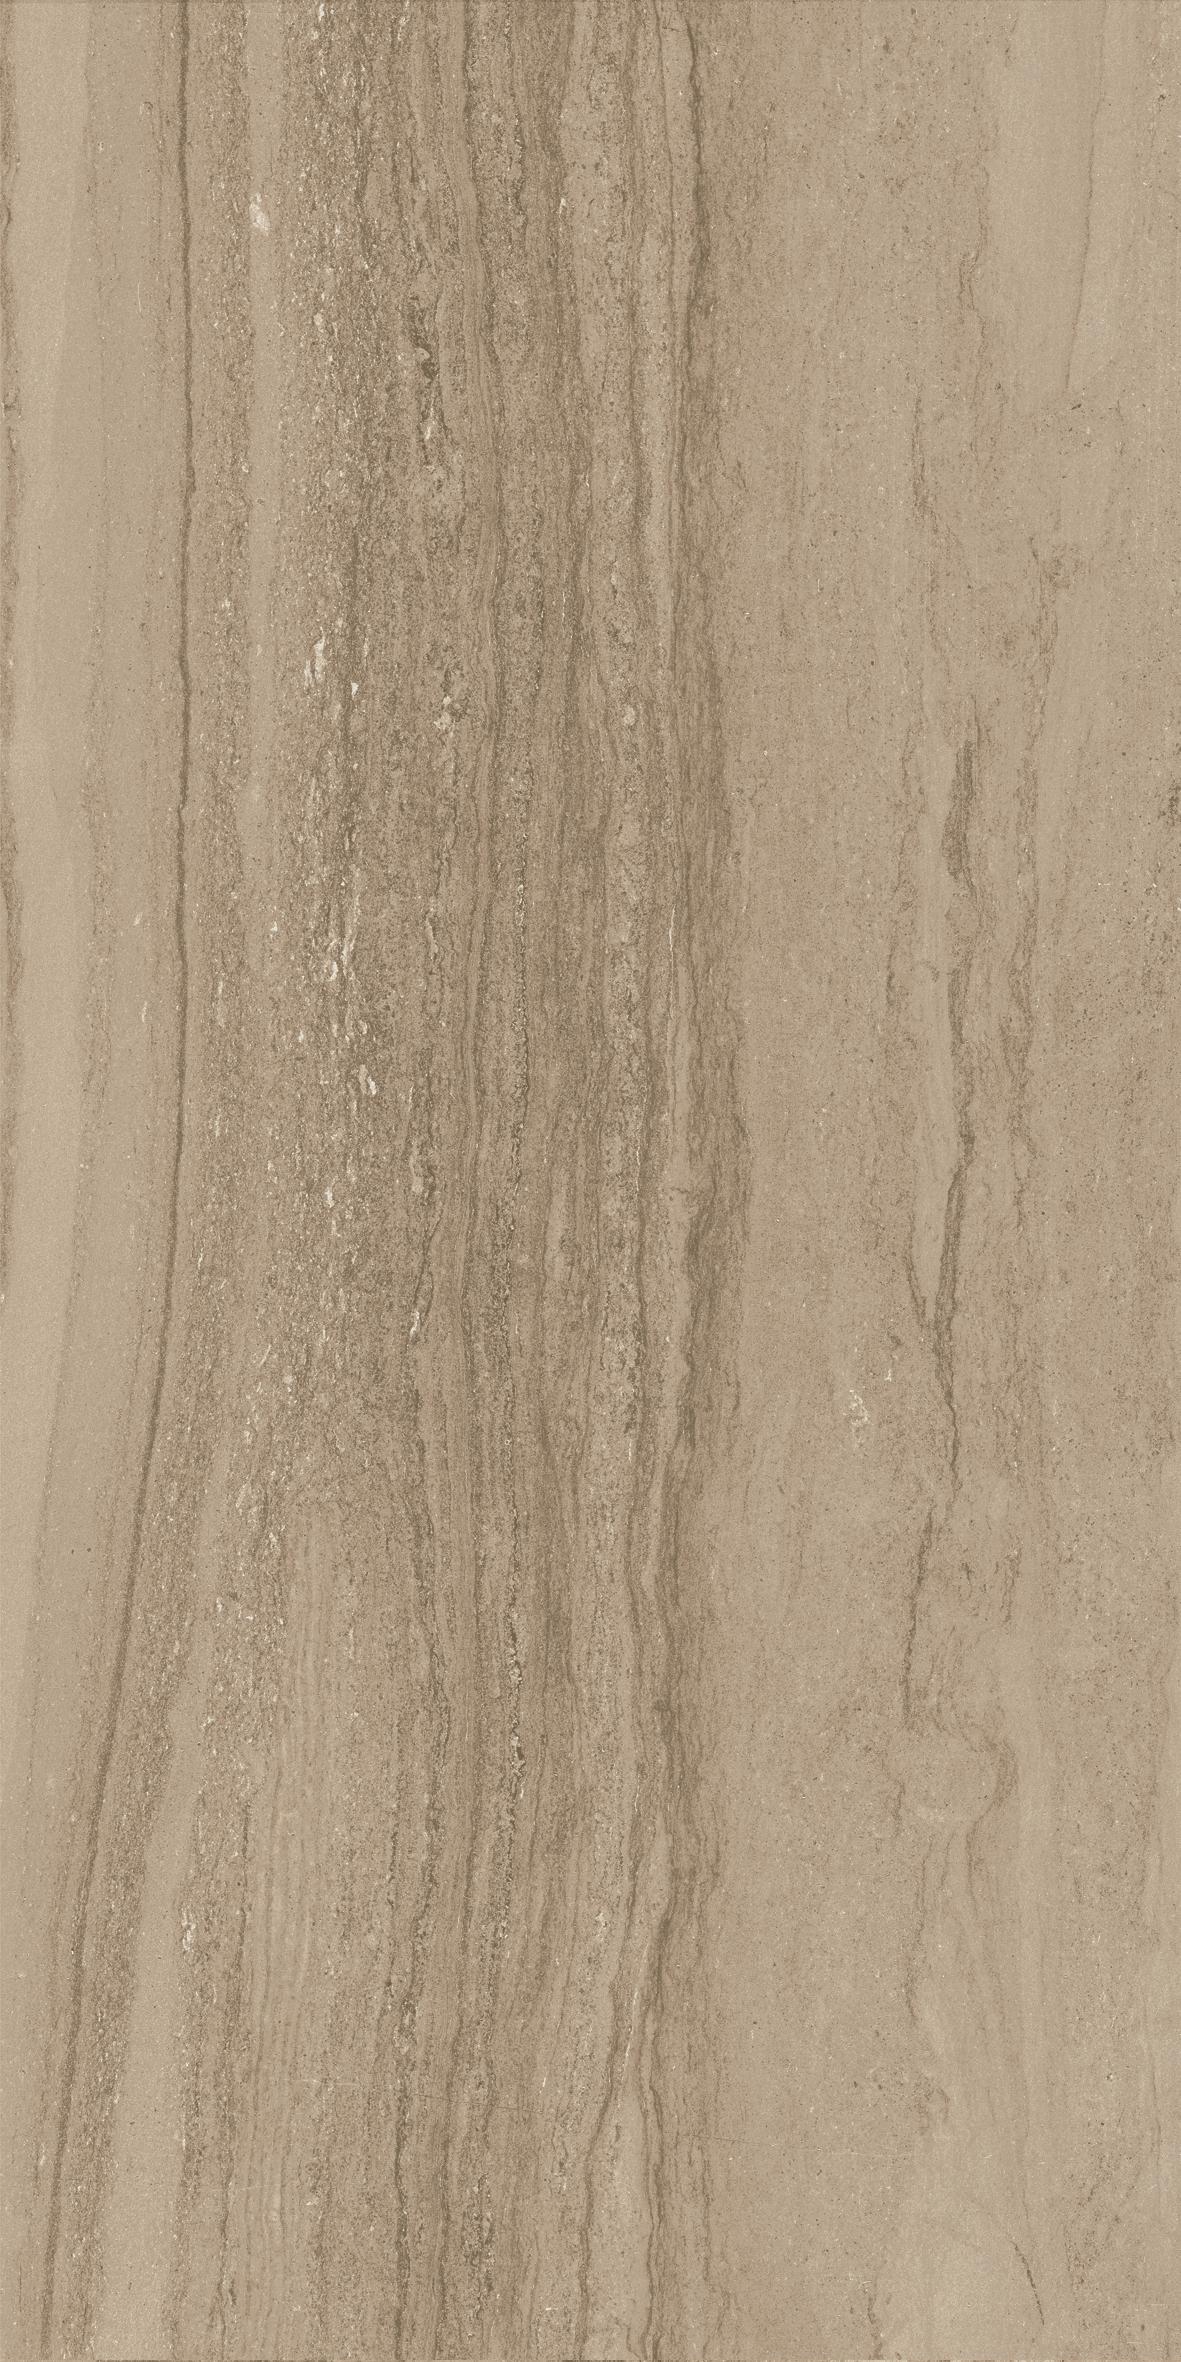 Highland sp hl beige 1836 f12 USG1836200